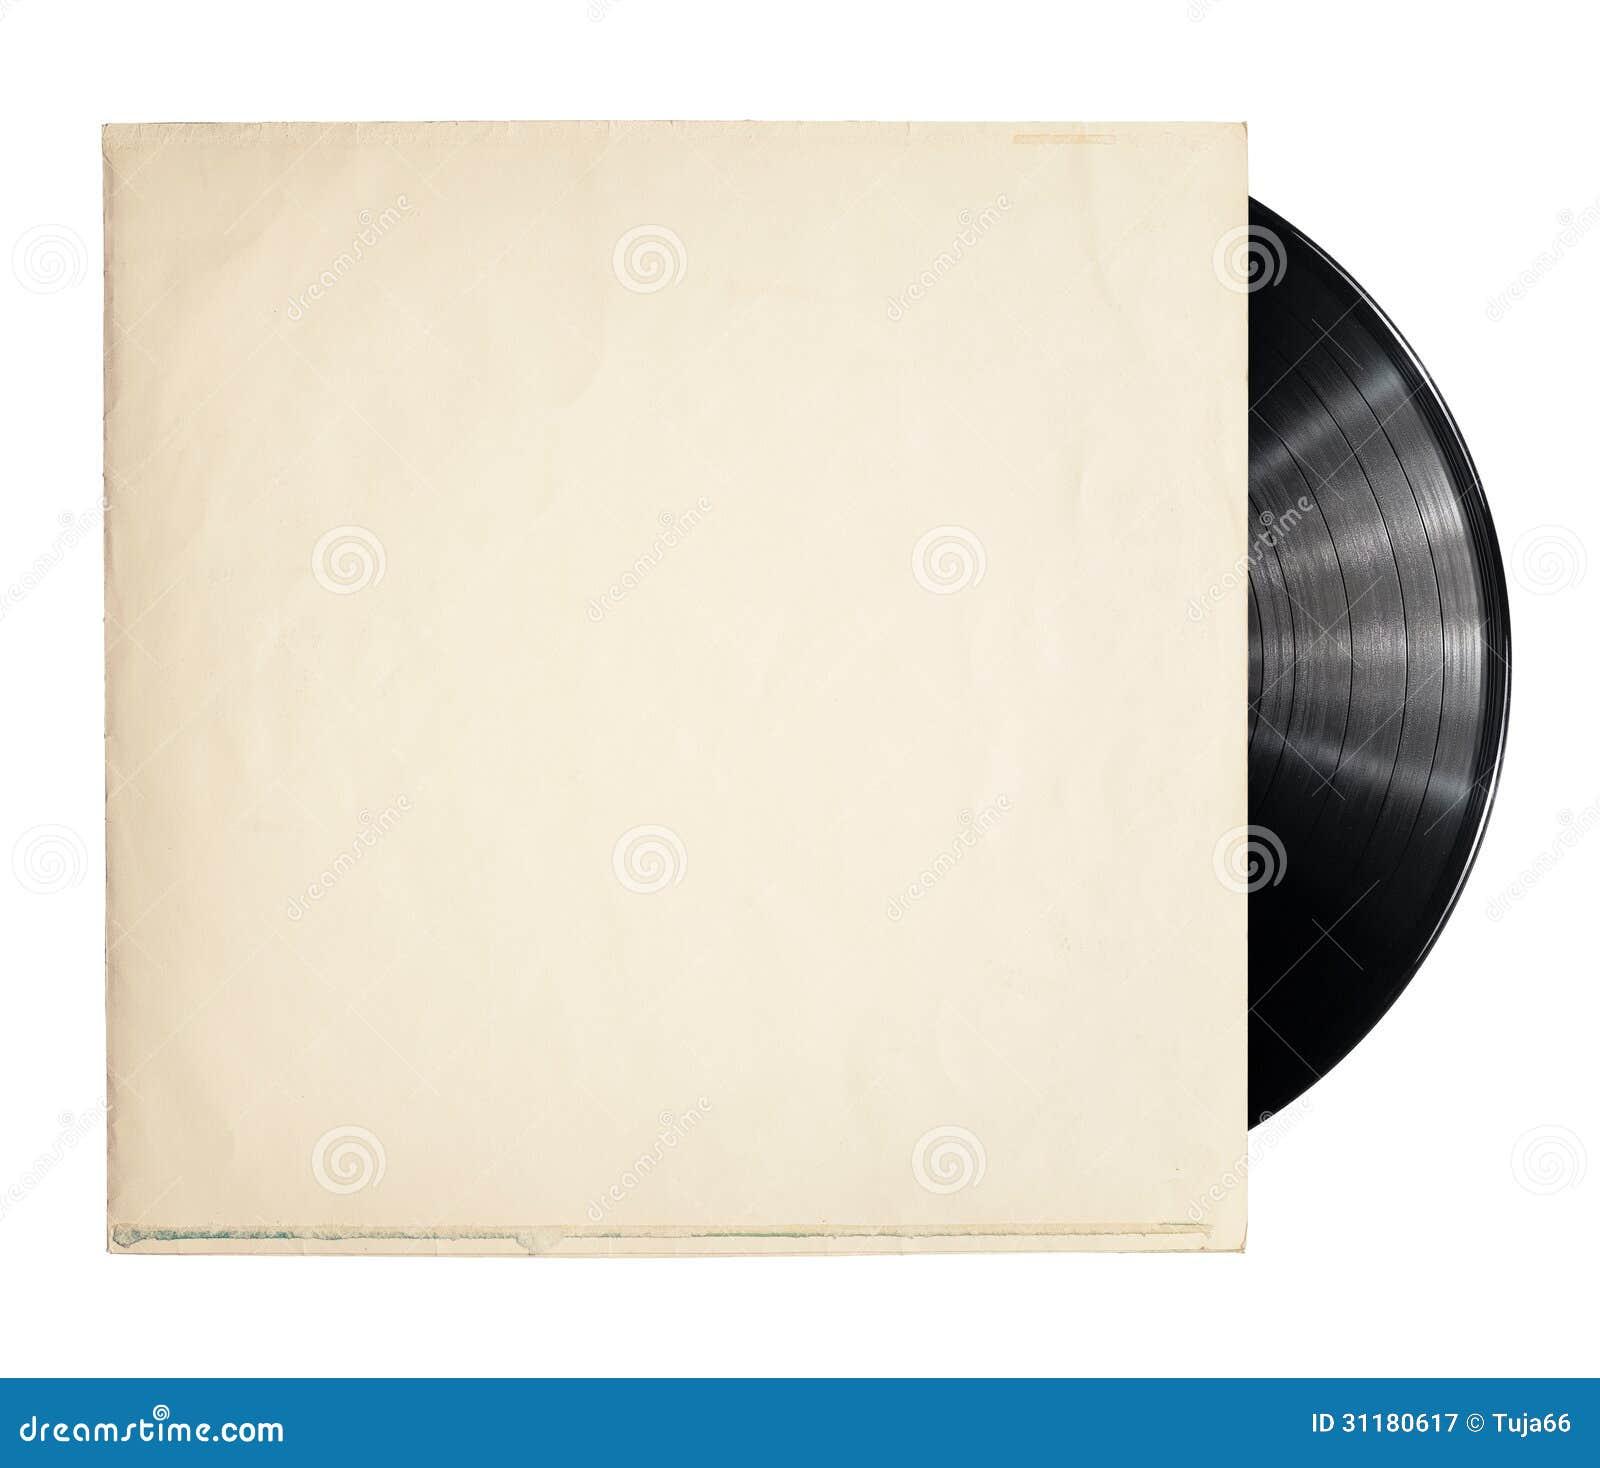 Vinyl Record Travel Case